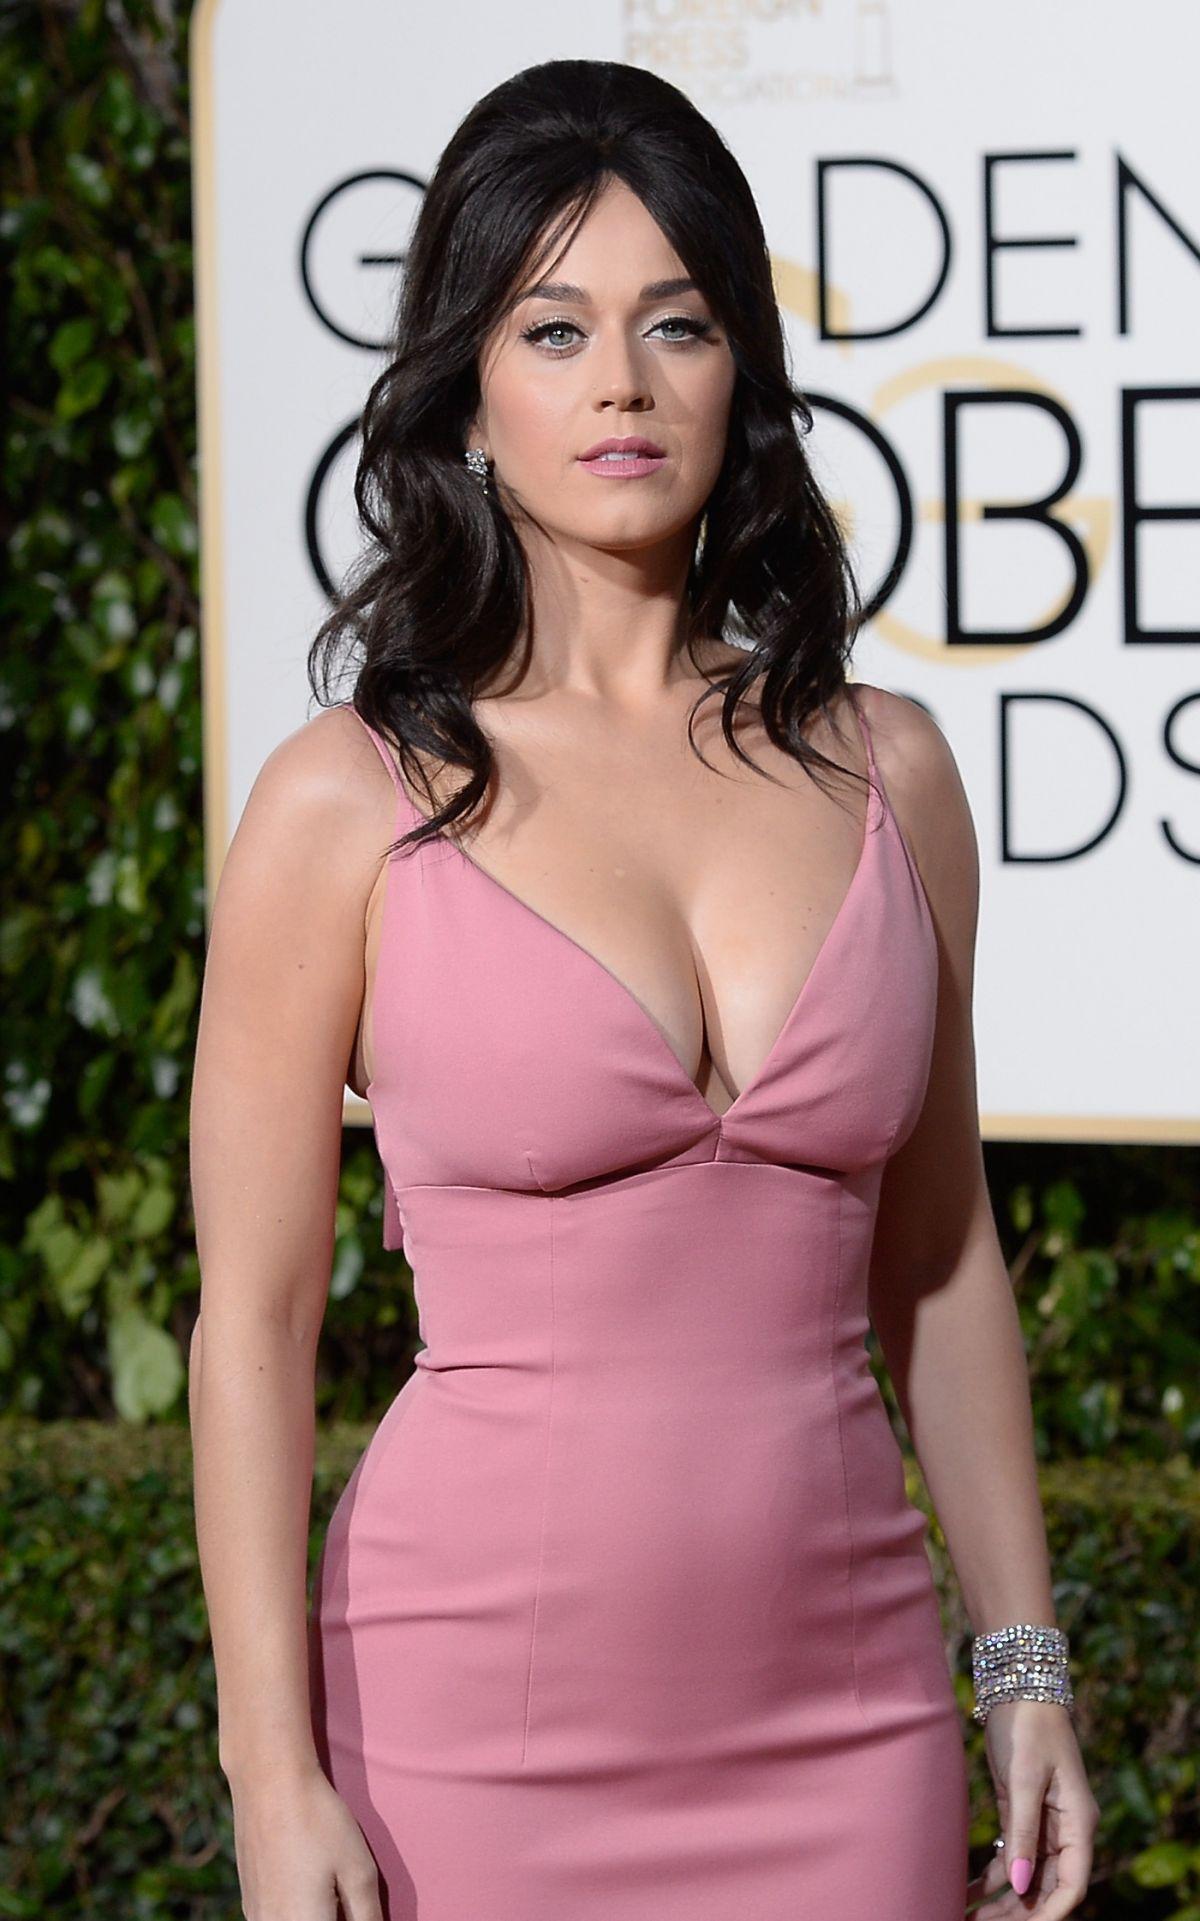 Katy Perry   One Direction Wiki   Fandom powered by Wikia